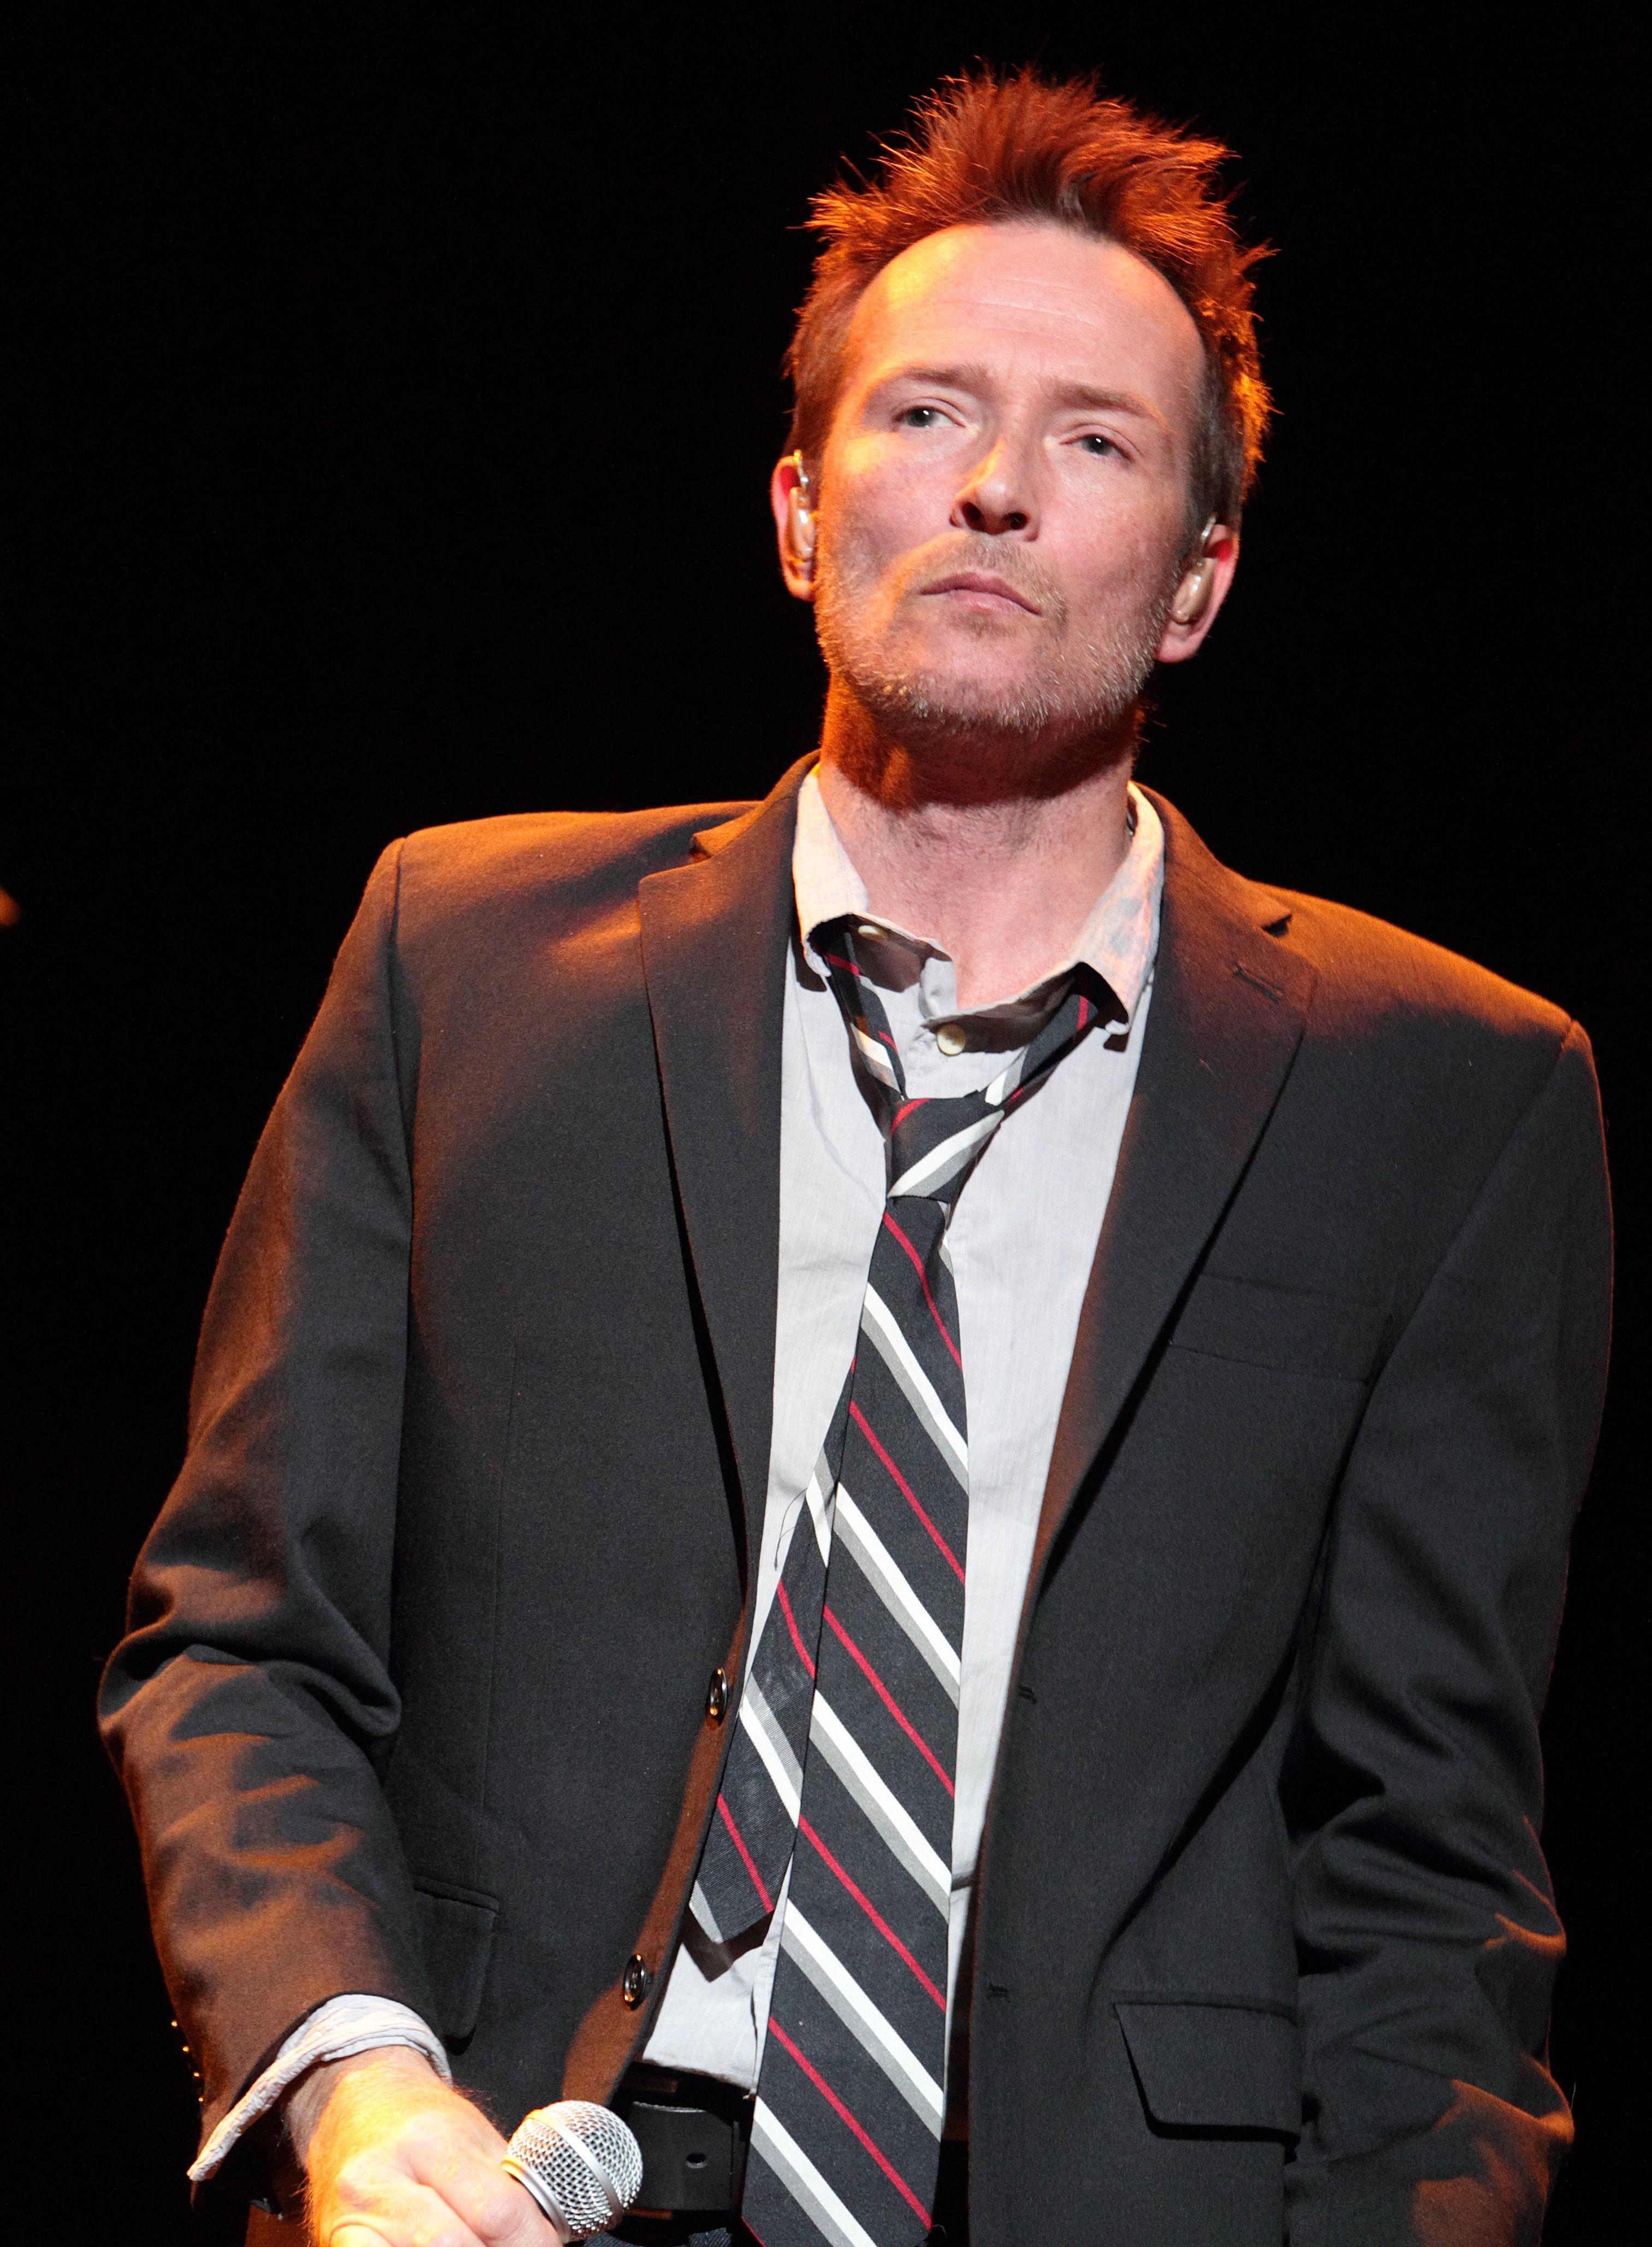 Scott Weiland performs